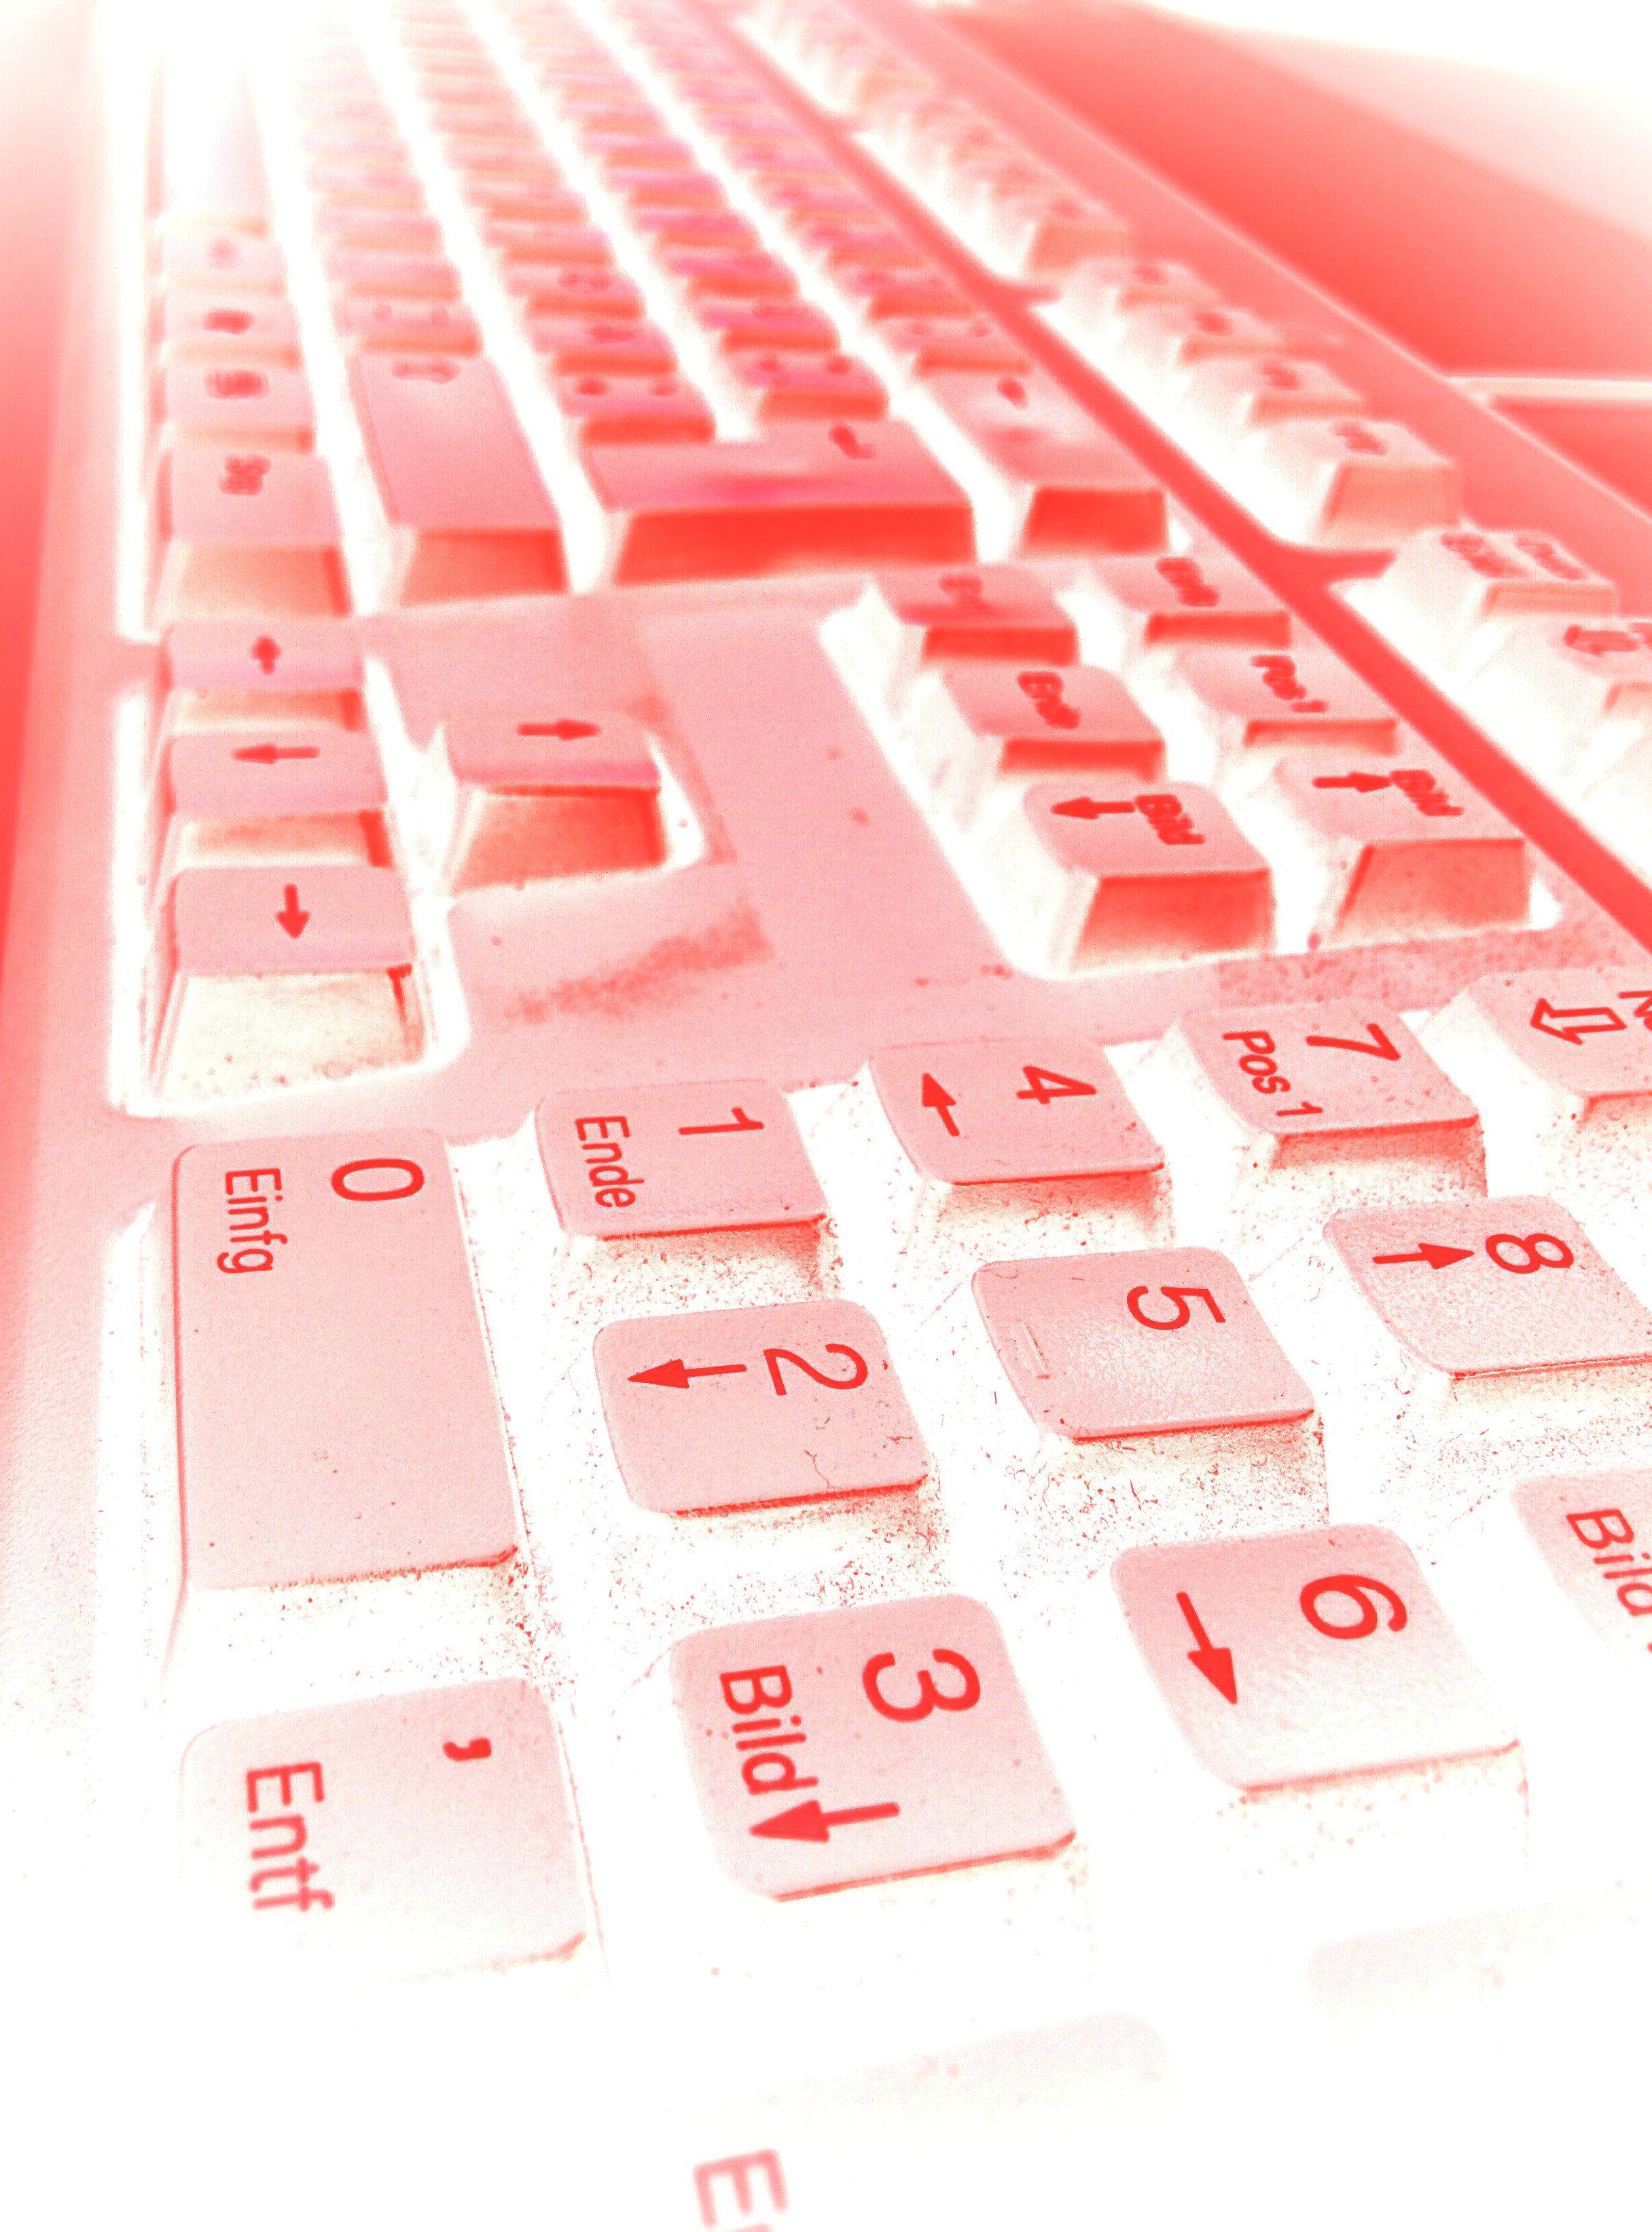 Online-Lernplattformen im Unterricht: Wieviel Datenschutz muss sein?